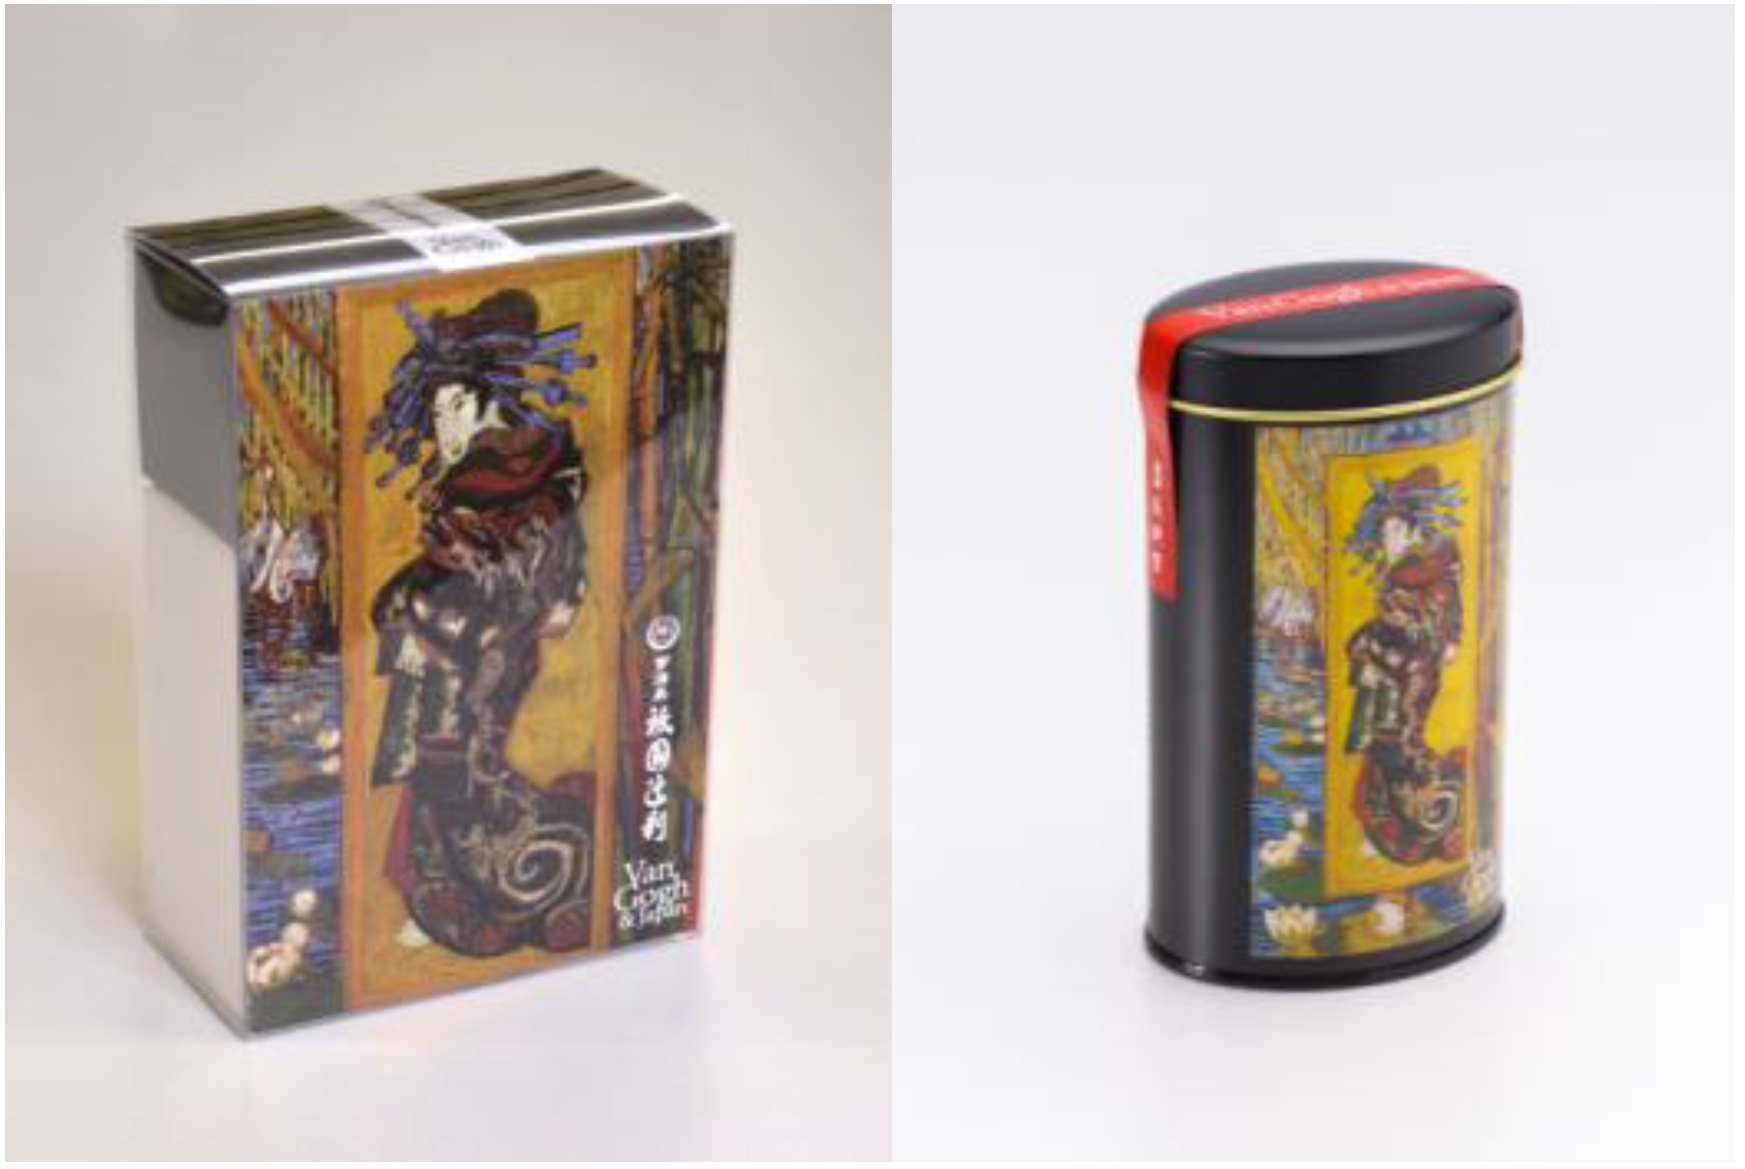 <祇園辻利>宇治茶・抹茶菓子セット/¥1,080 <長崎堂>カステララスク/¥850